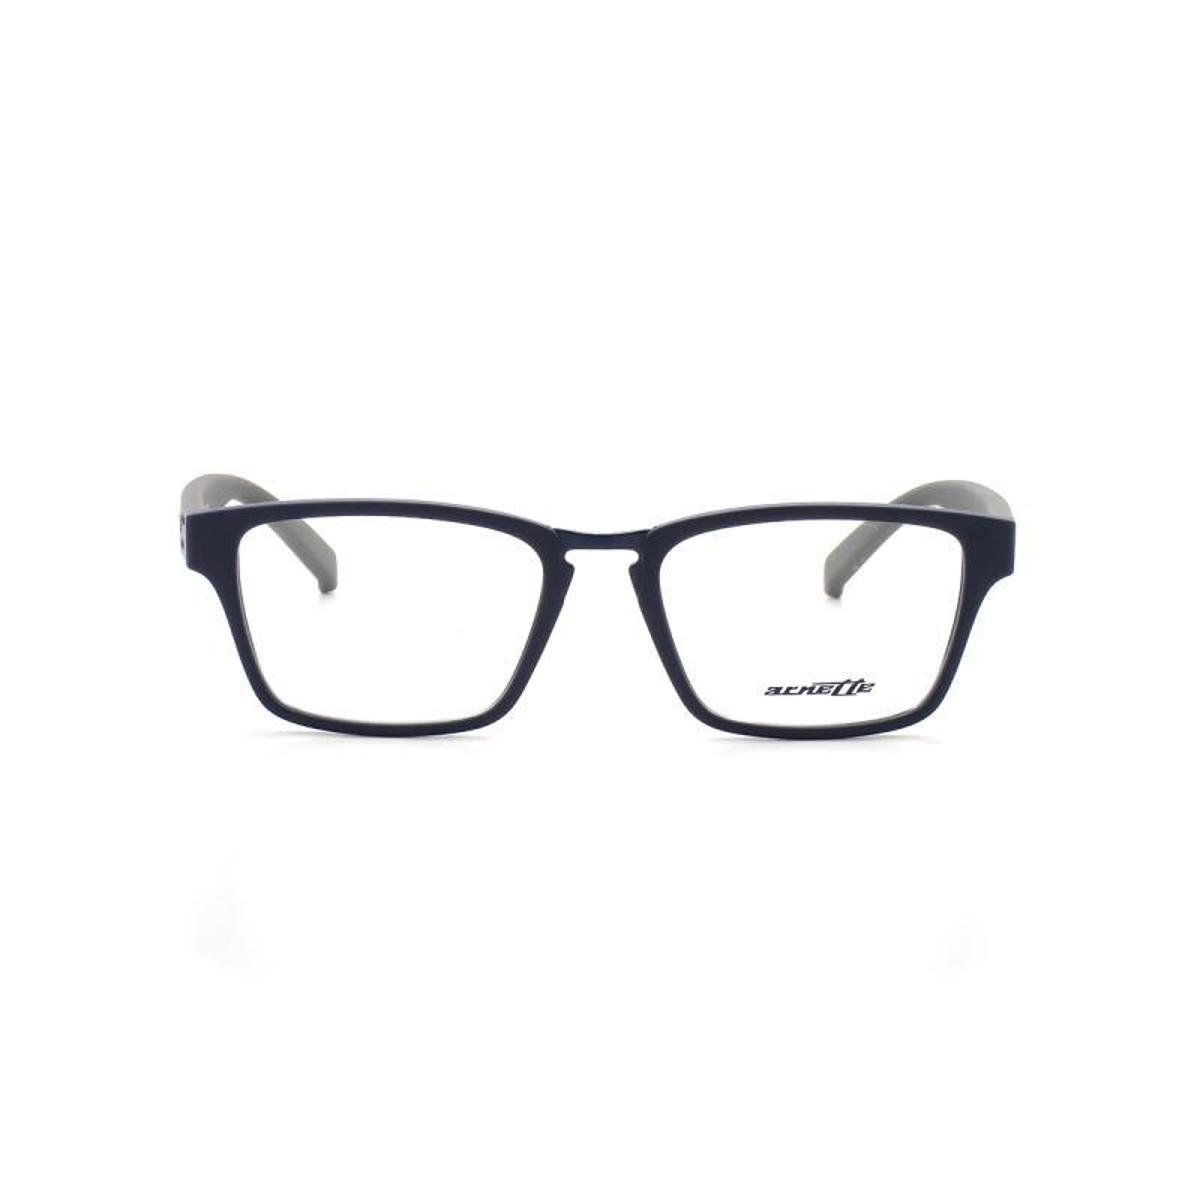 c62c9e5c18480 Armação De Óculos De Grau Arnette 7152 T 53 C 2527 Masculino - Preto ...